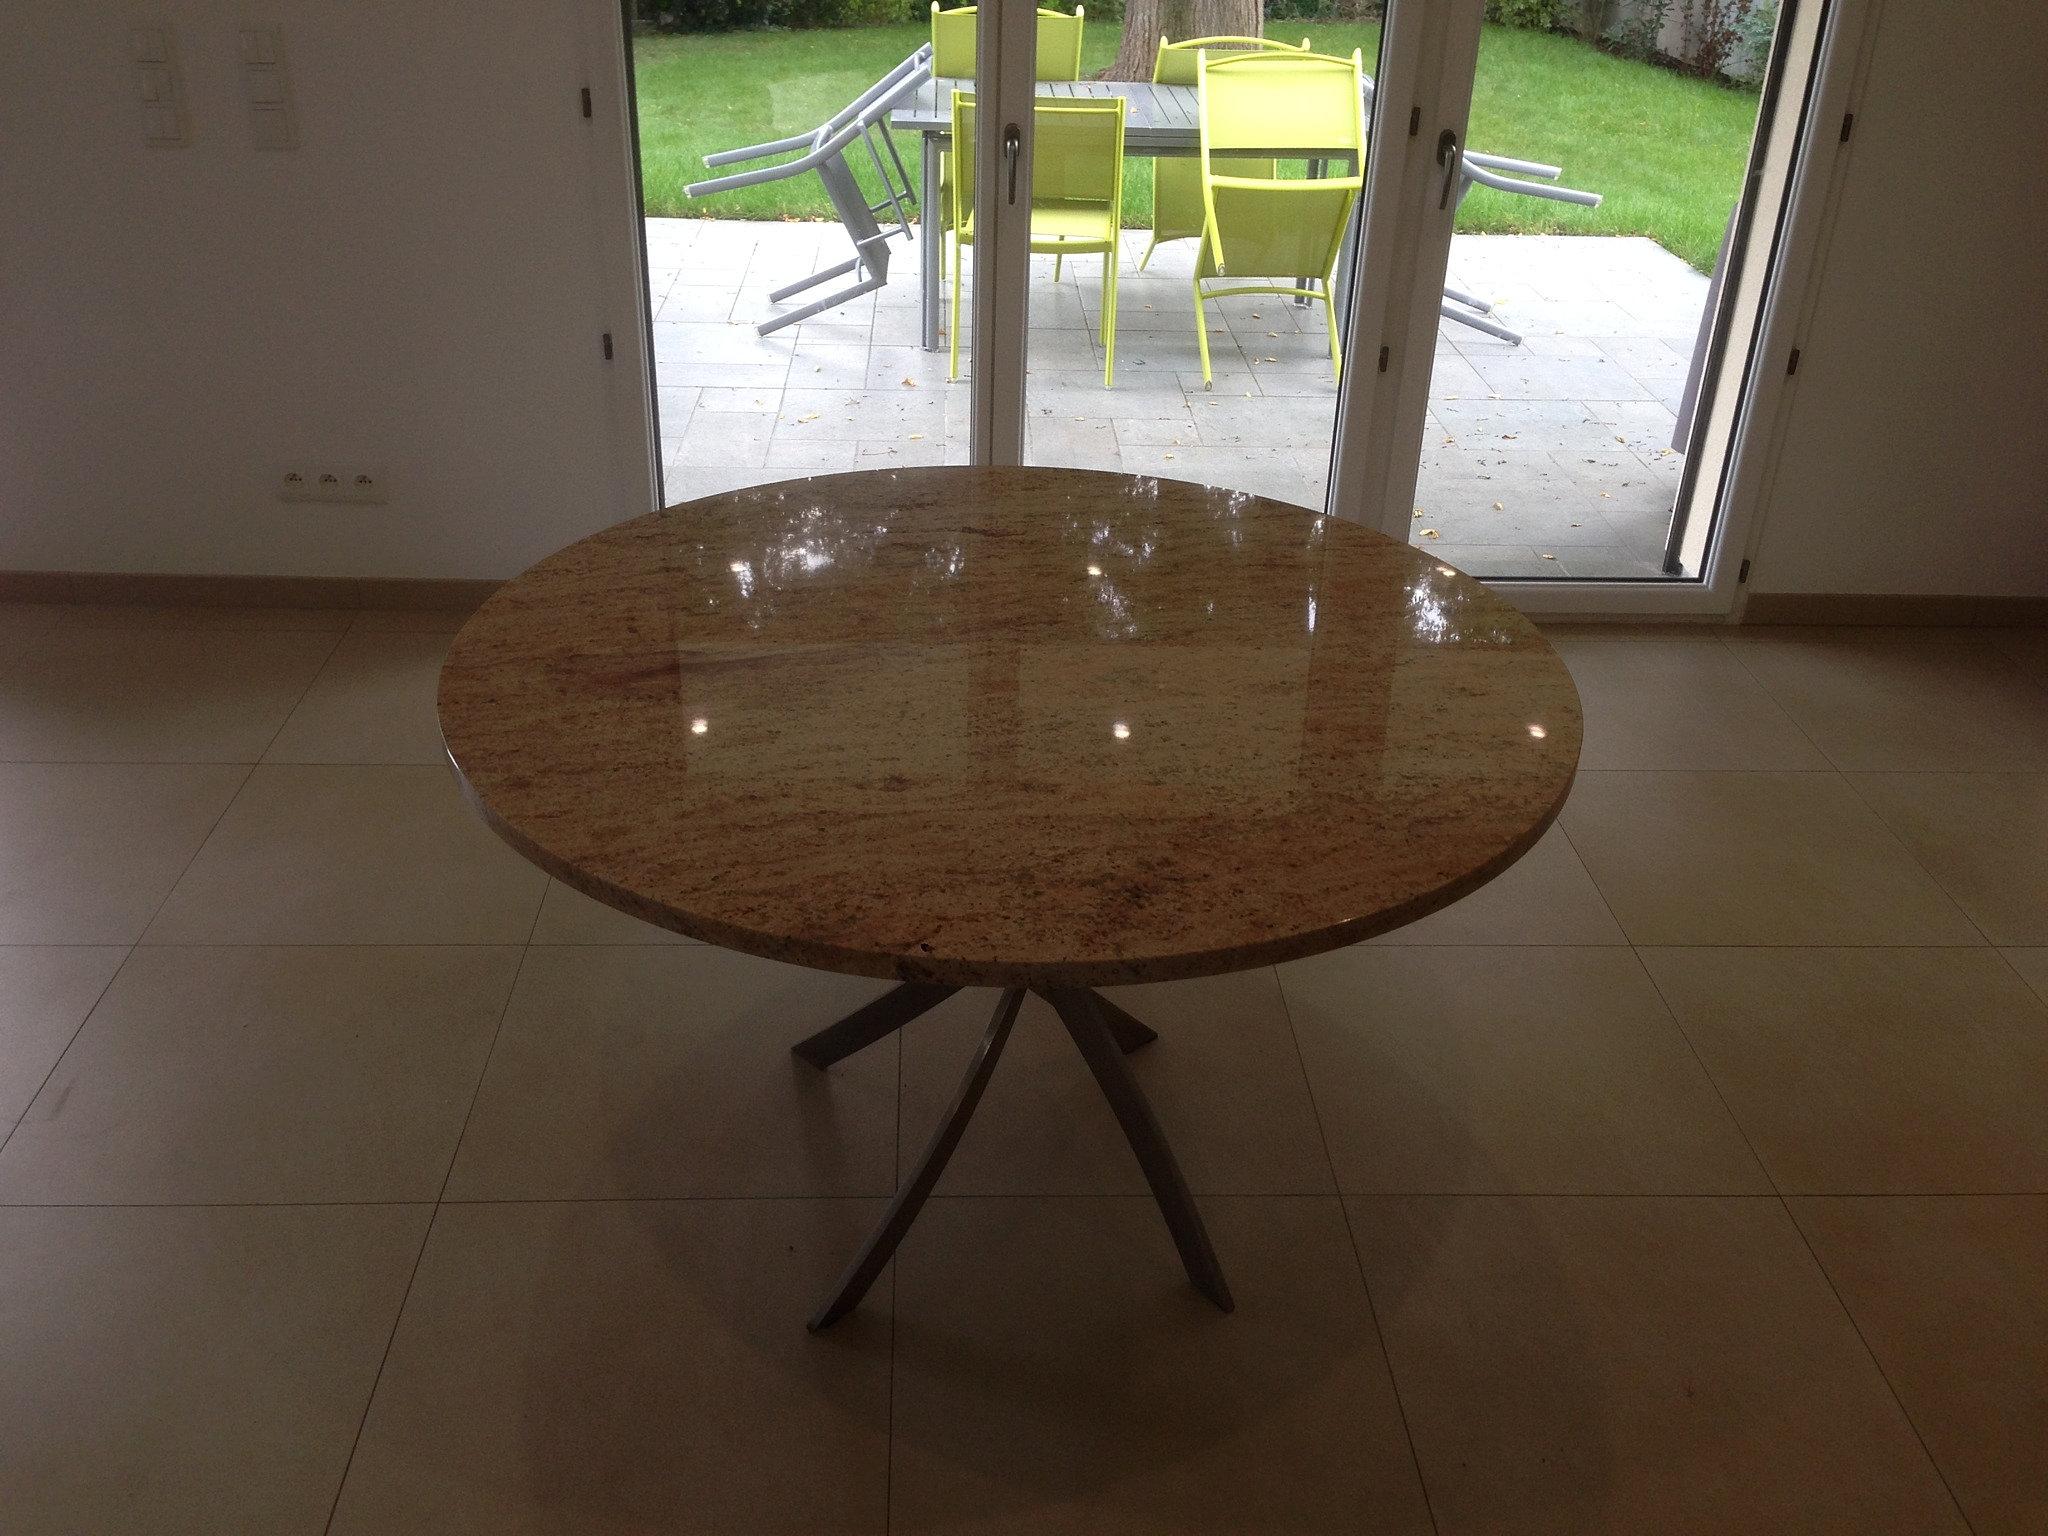 plan de travail granit quartz table en mabre paris essonne table granit sur mesure. Black Bedroom Furniture Sets. Home Design Ideas